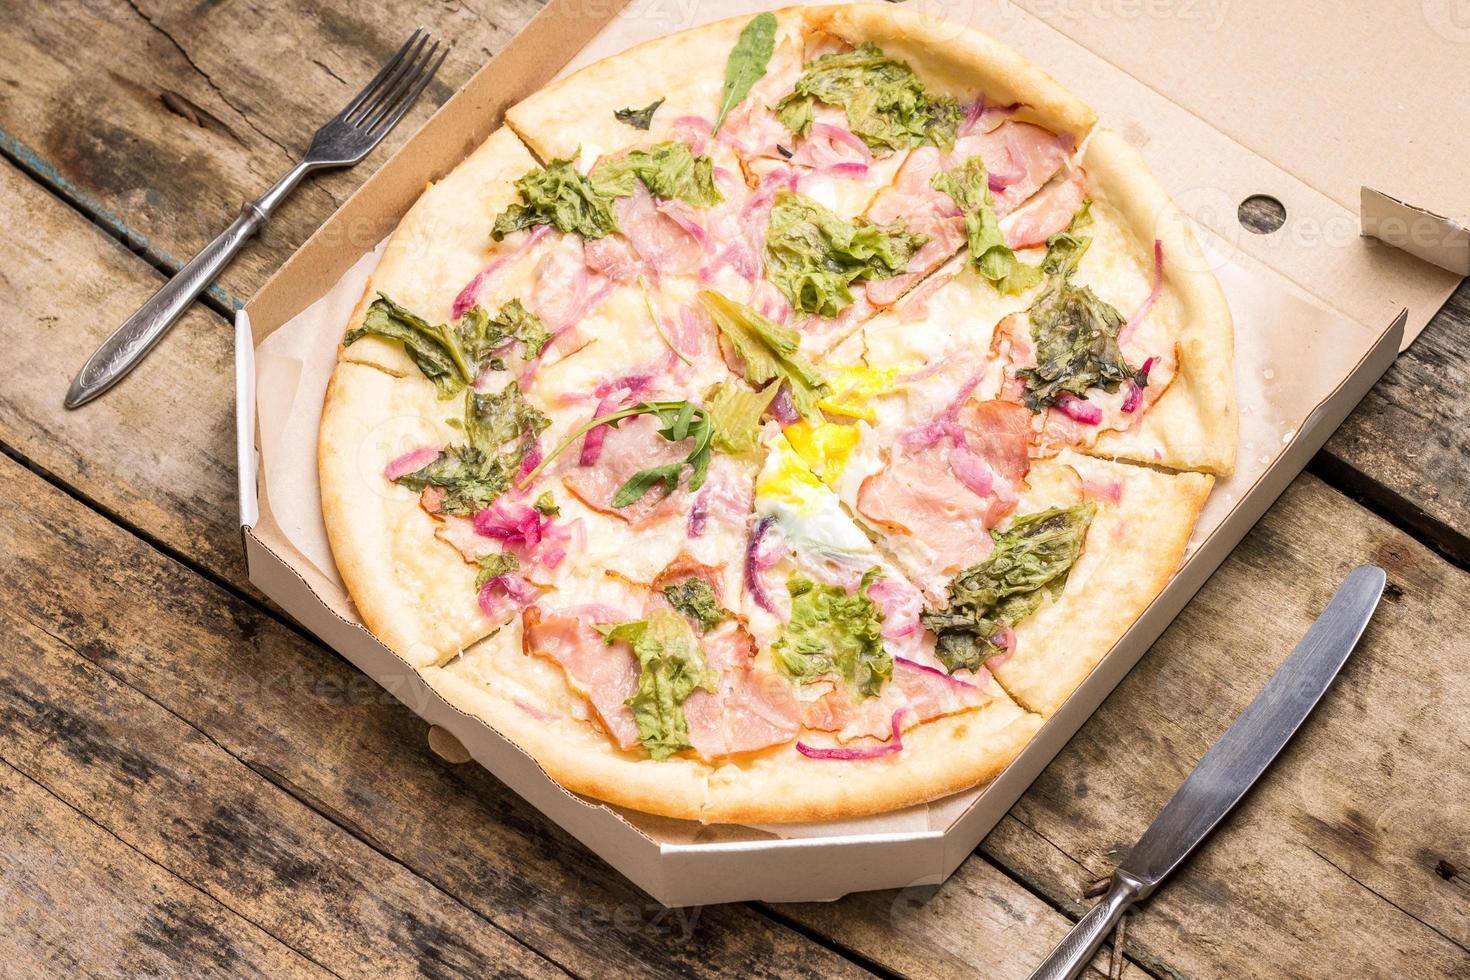 Pizza menu and recipe background photo